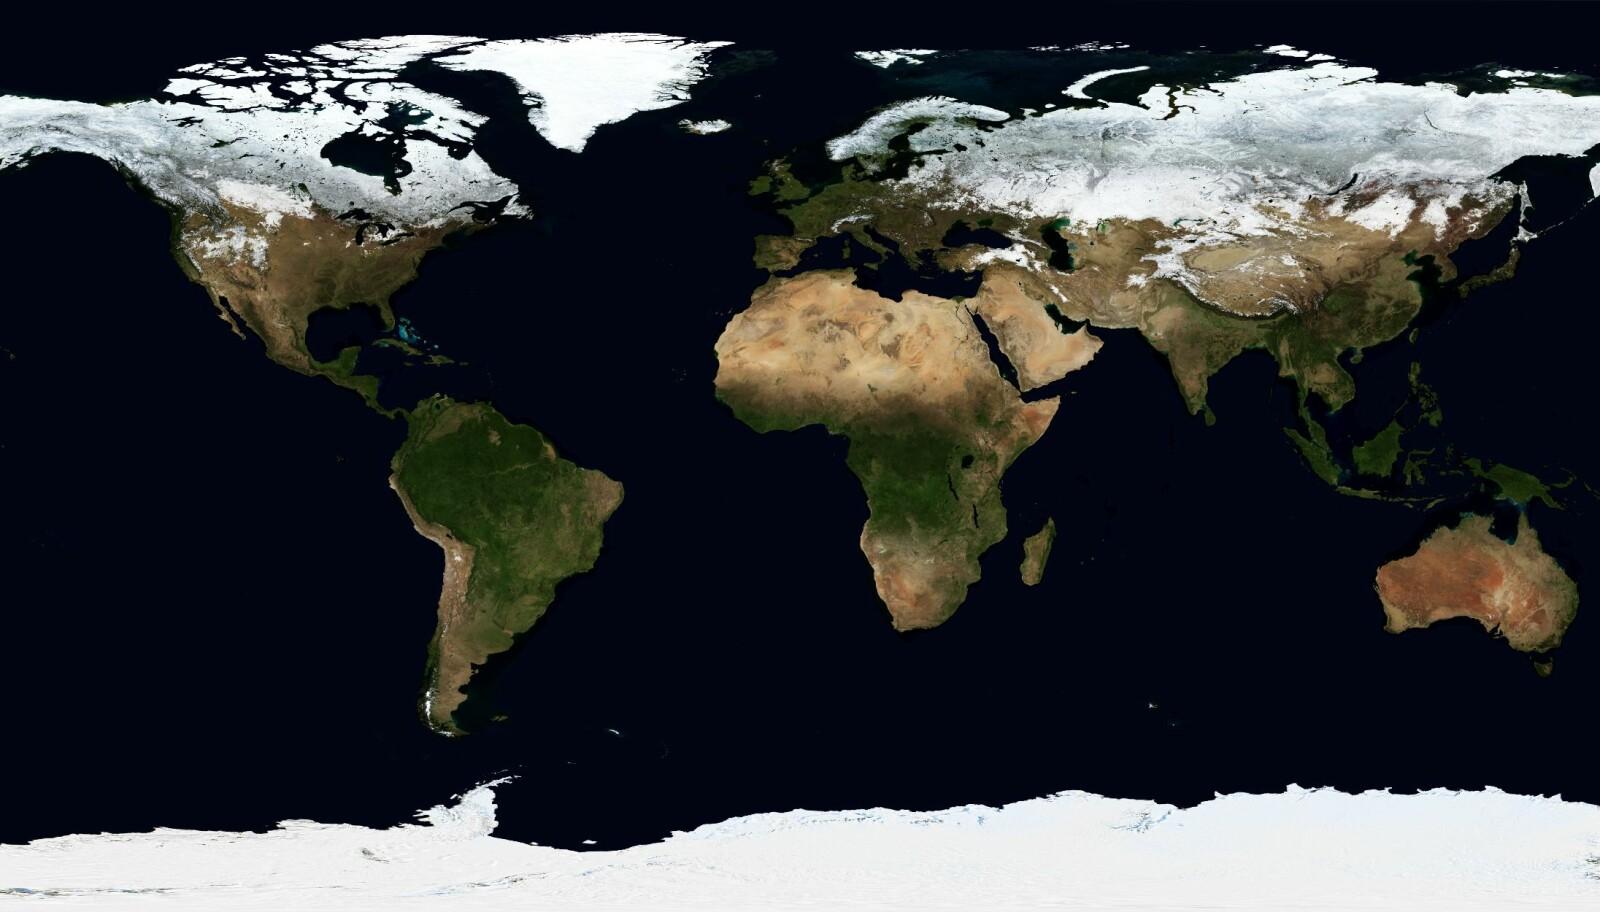 Hvor mange lande er der i verden